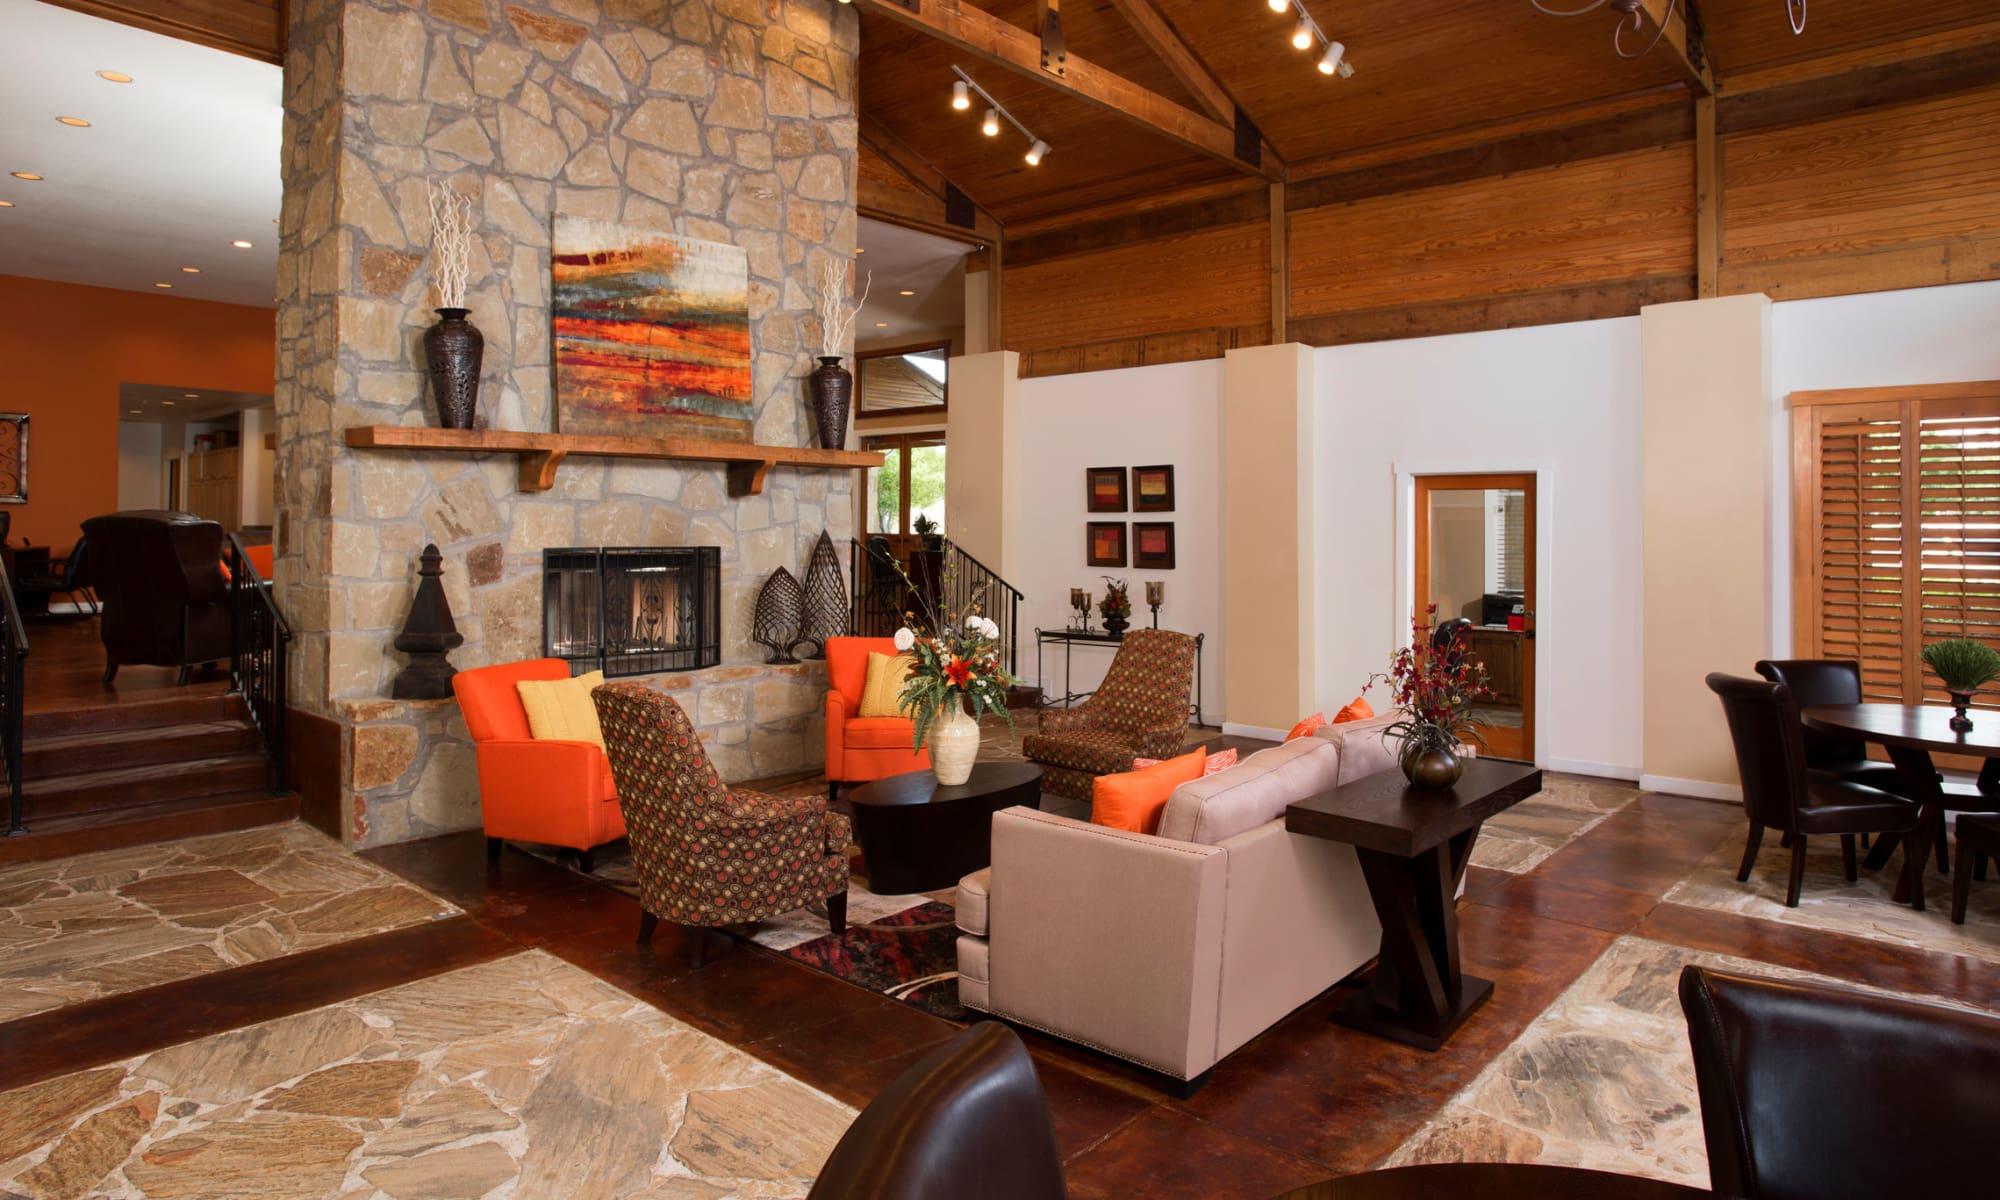 Apartments at El Lago Apartments in McKinney, Texas